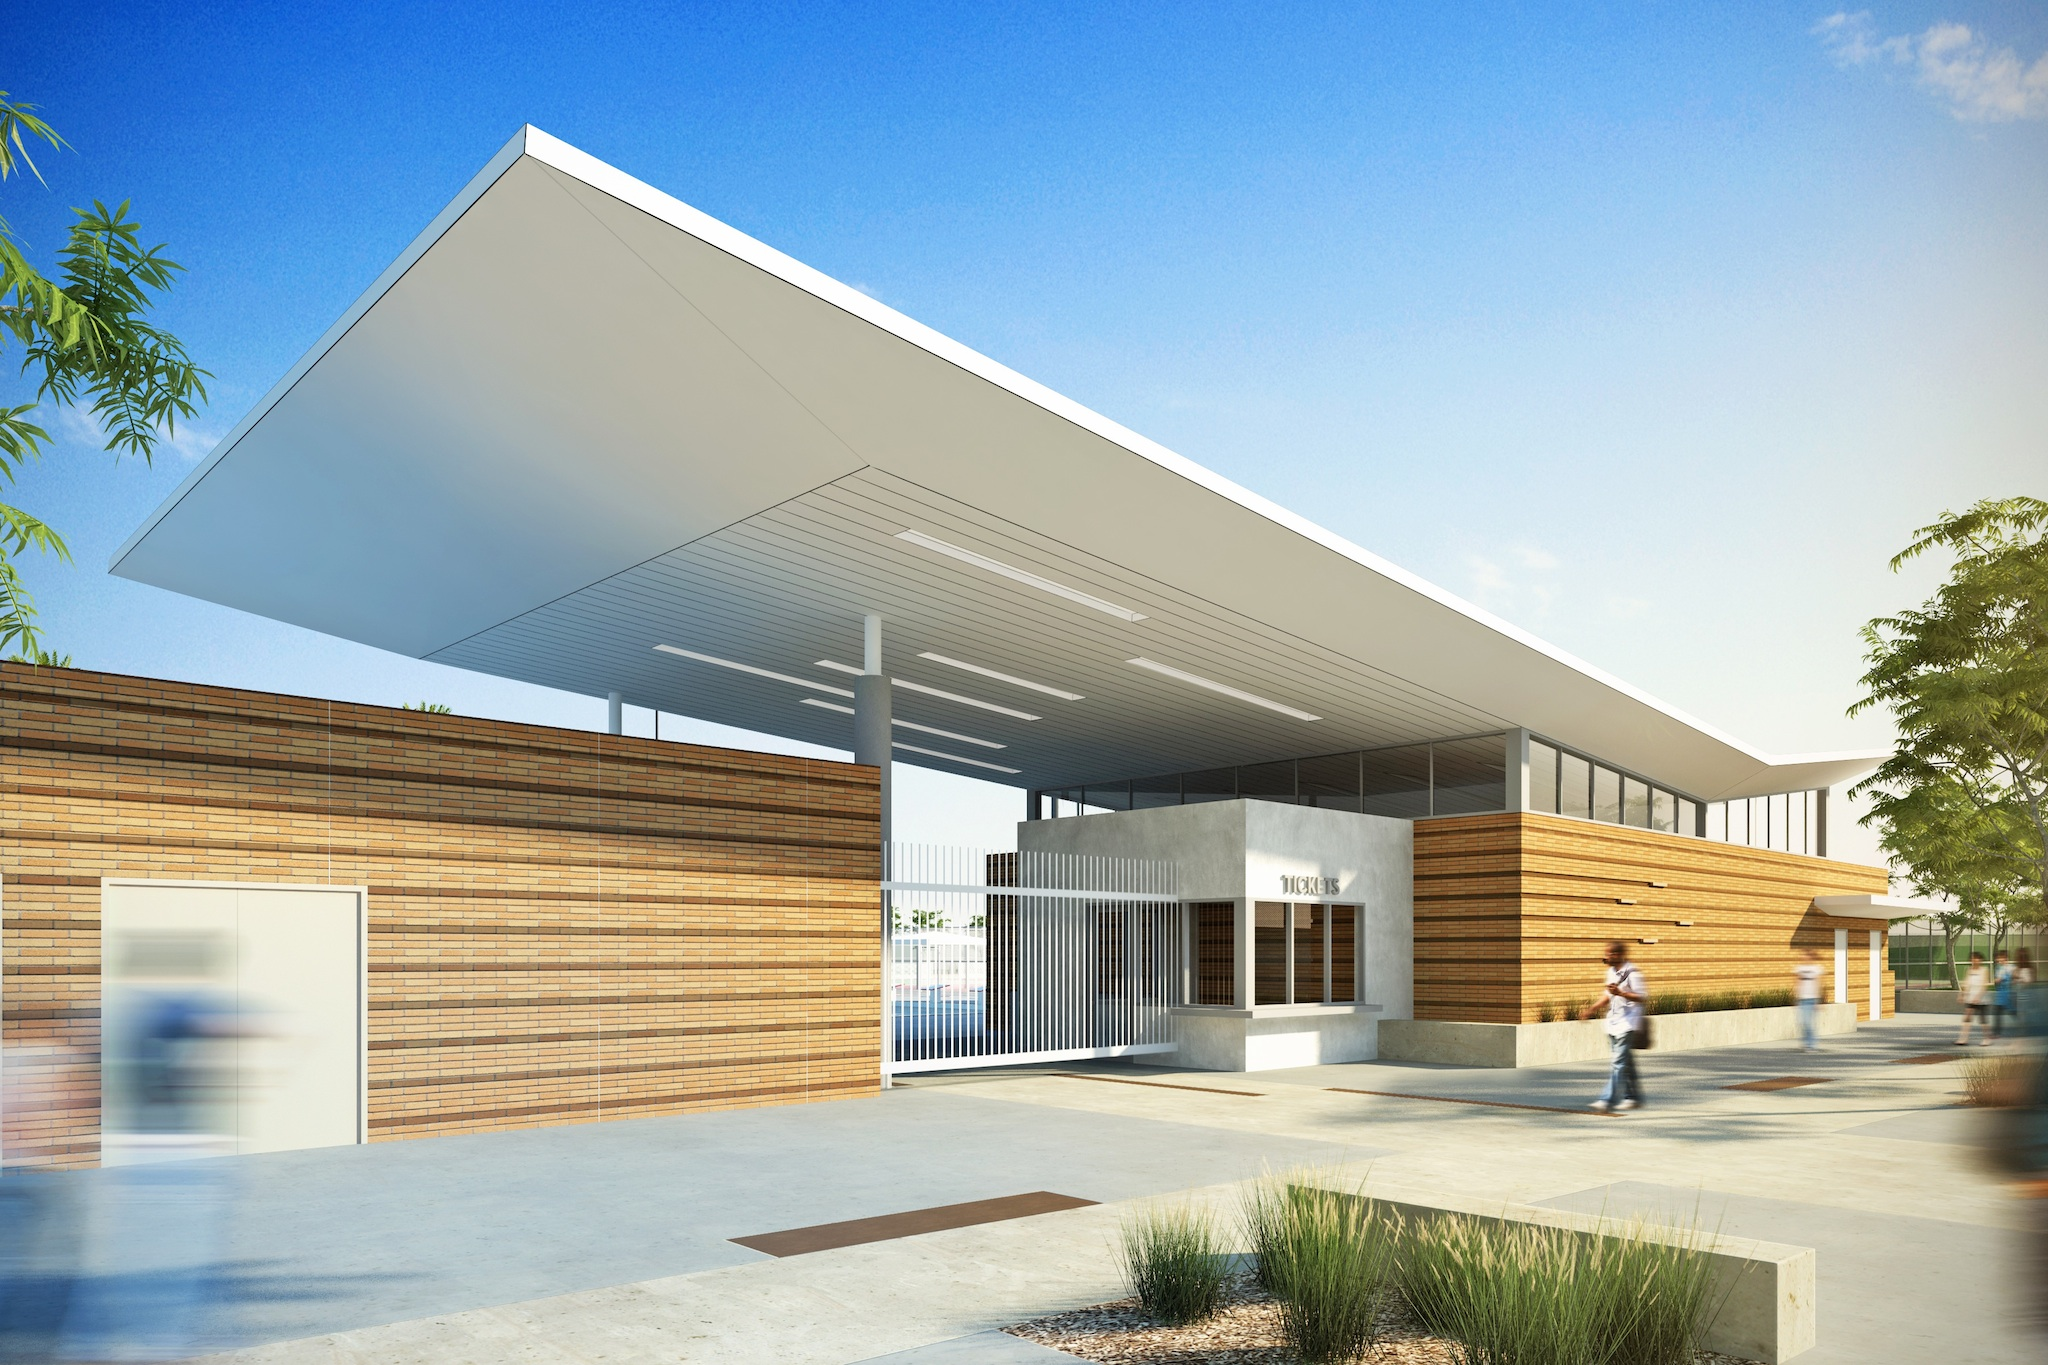 © 2011 HMC Architects